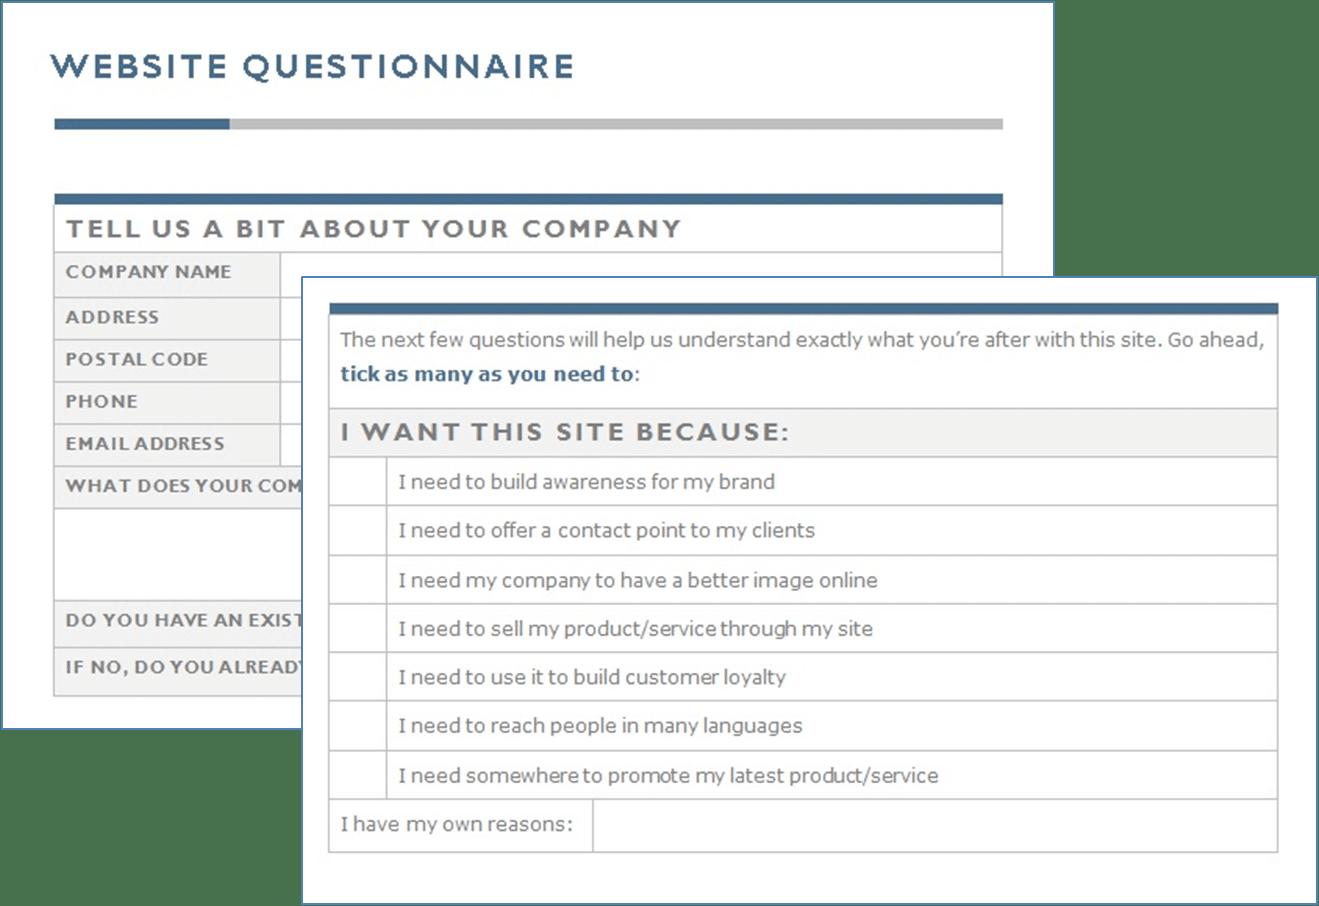 Website Questionnaire